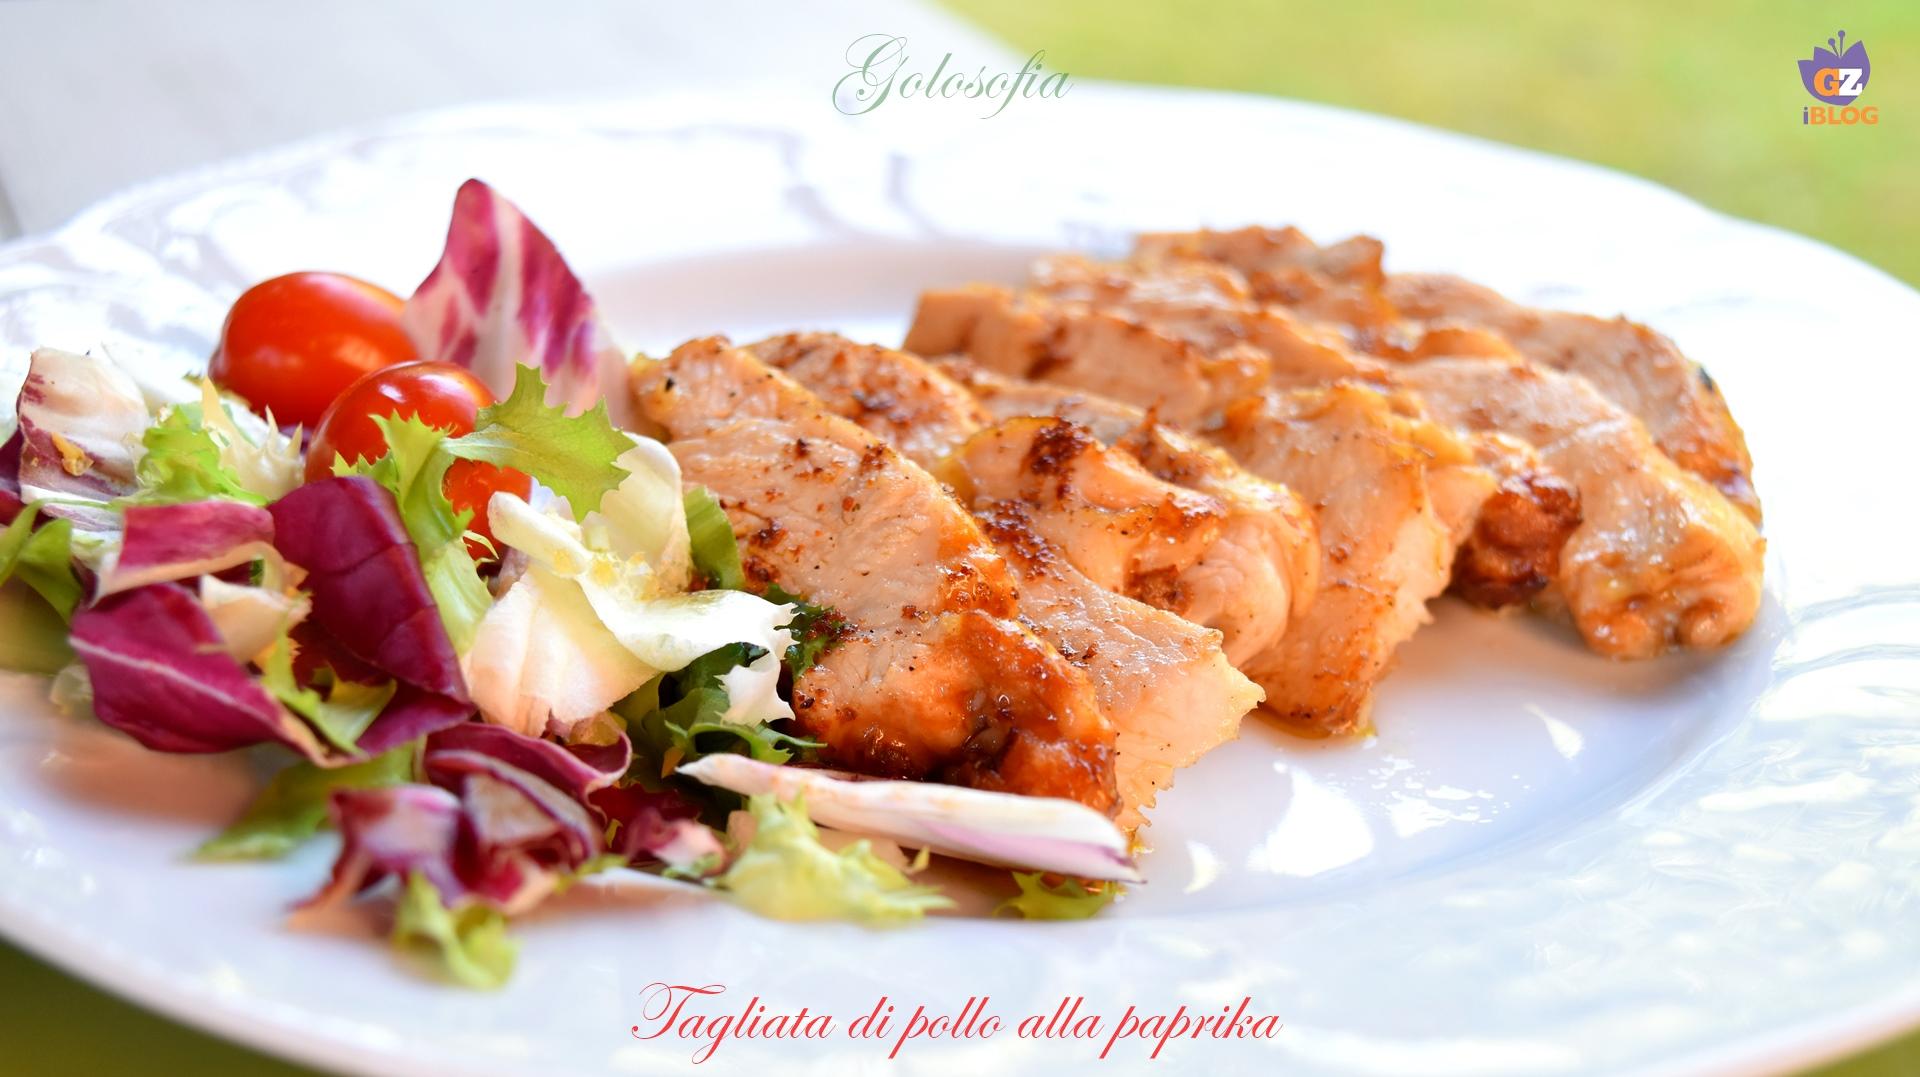 Tagliata di pollo alla paprika-ricetta secondi-golosofia